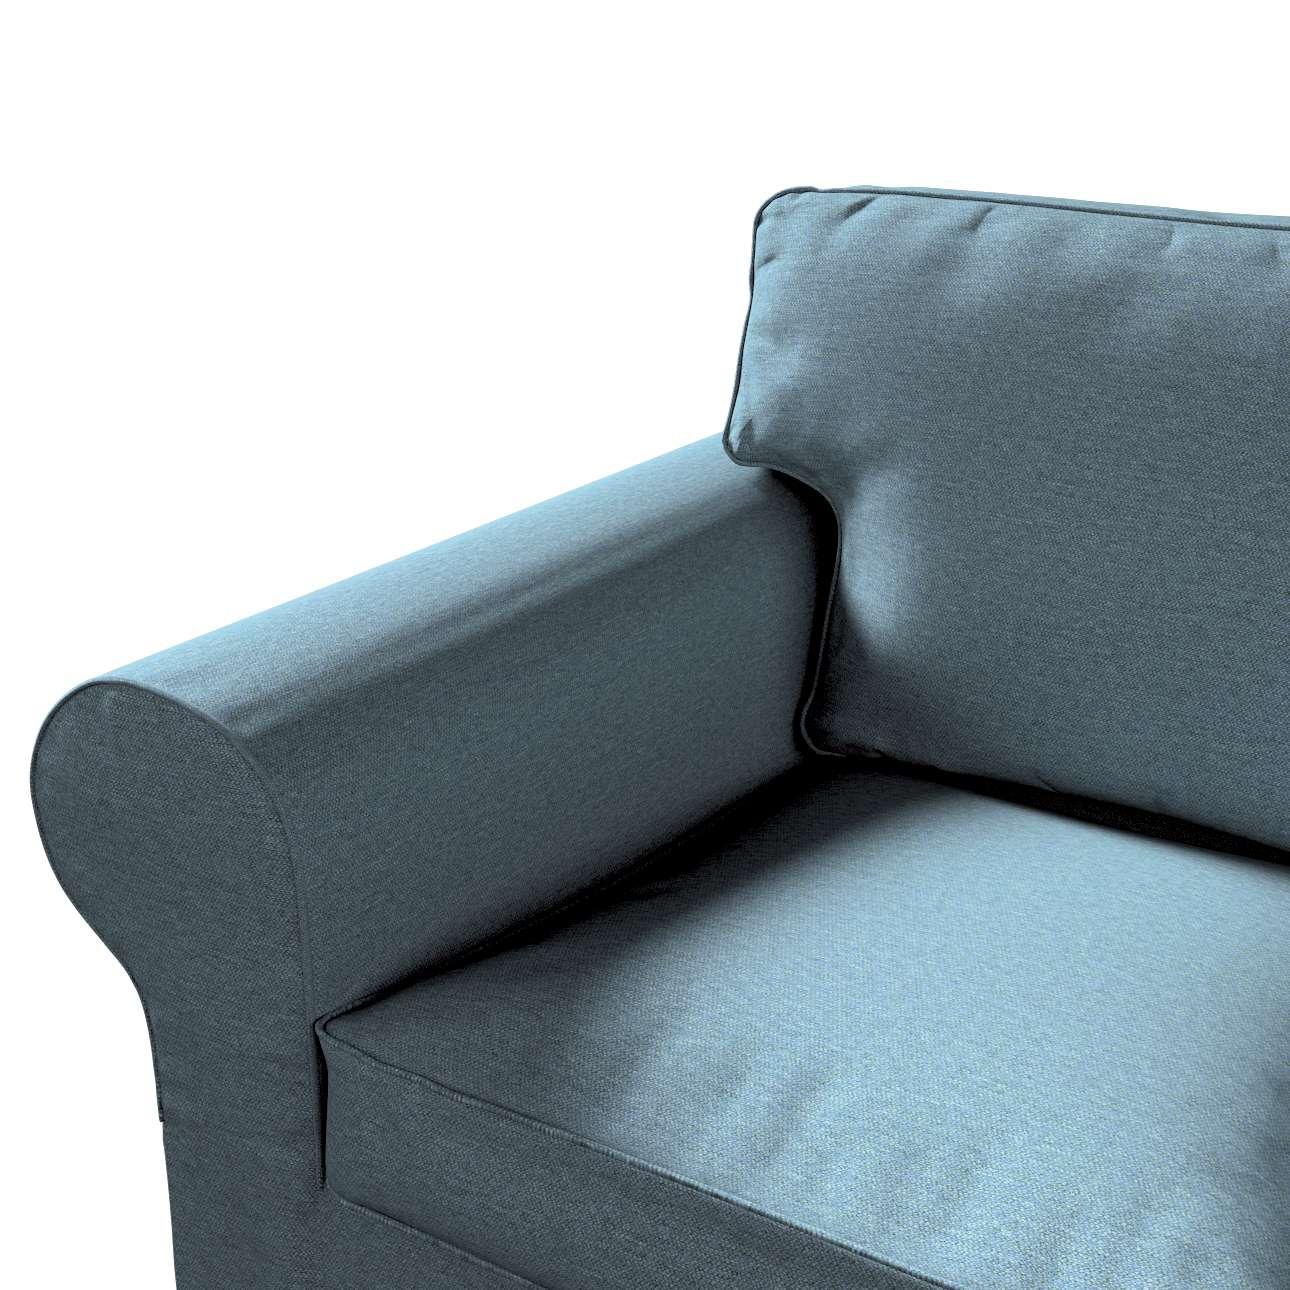 Bezug für Ektorp 2-Sitzer Schlafsofa NEUES Modell von der Kollektion Madrid, Stoff: 161-90